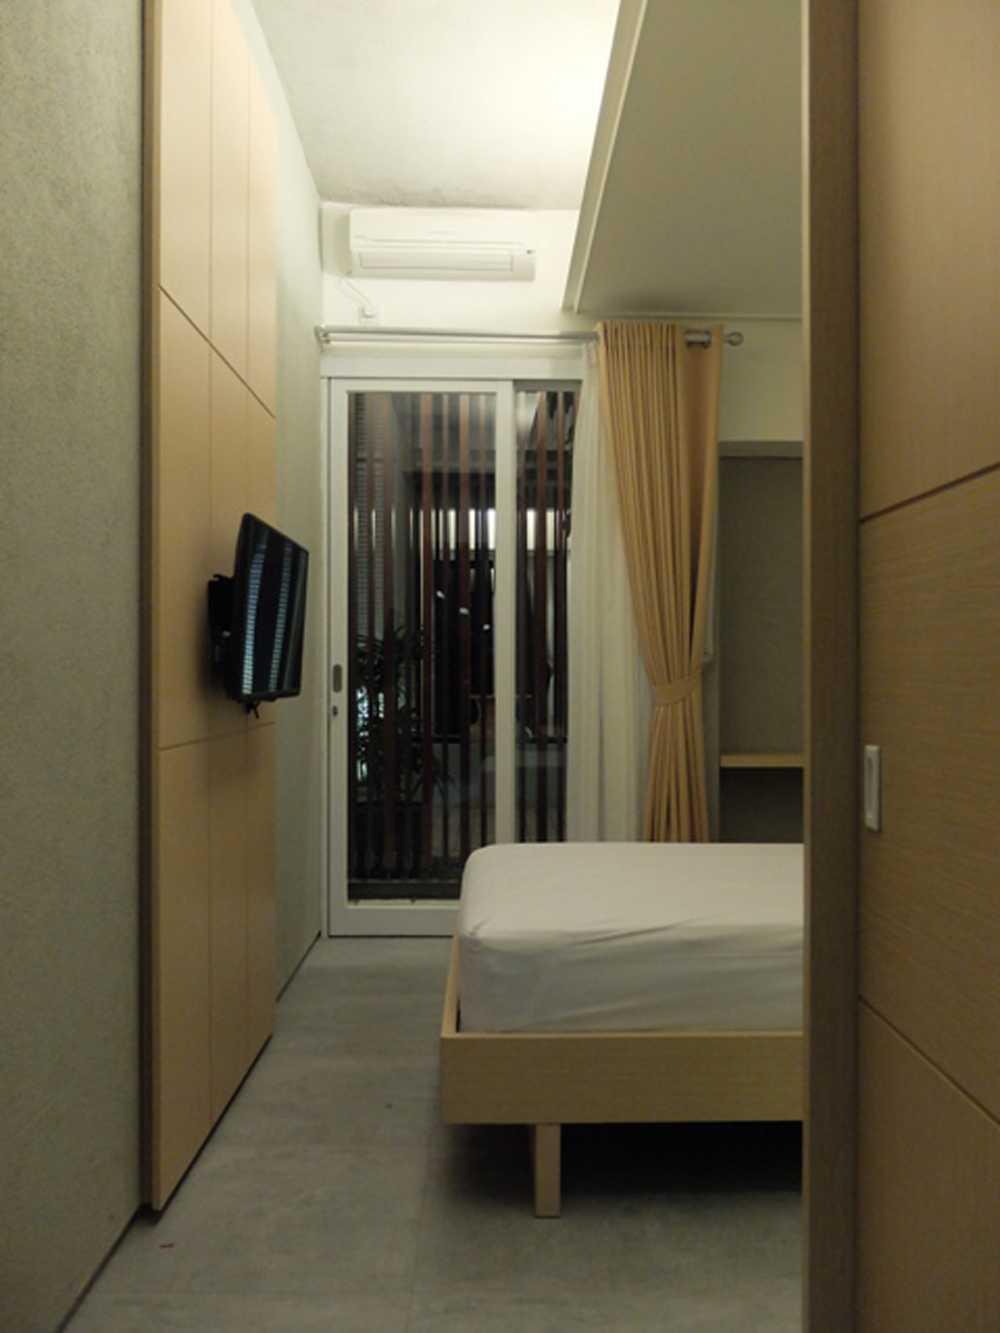 Foto inspirasi ide desain kamar tidur tropis Bed room oleh RDMA di Arsitag